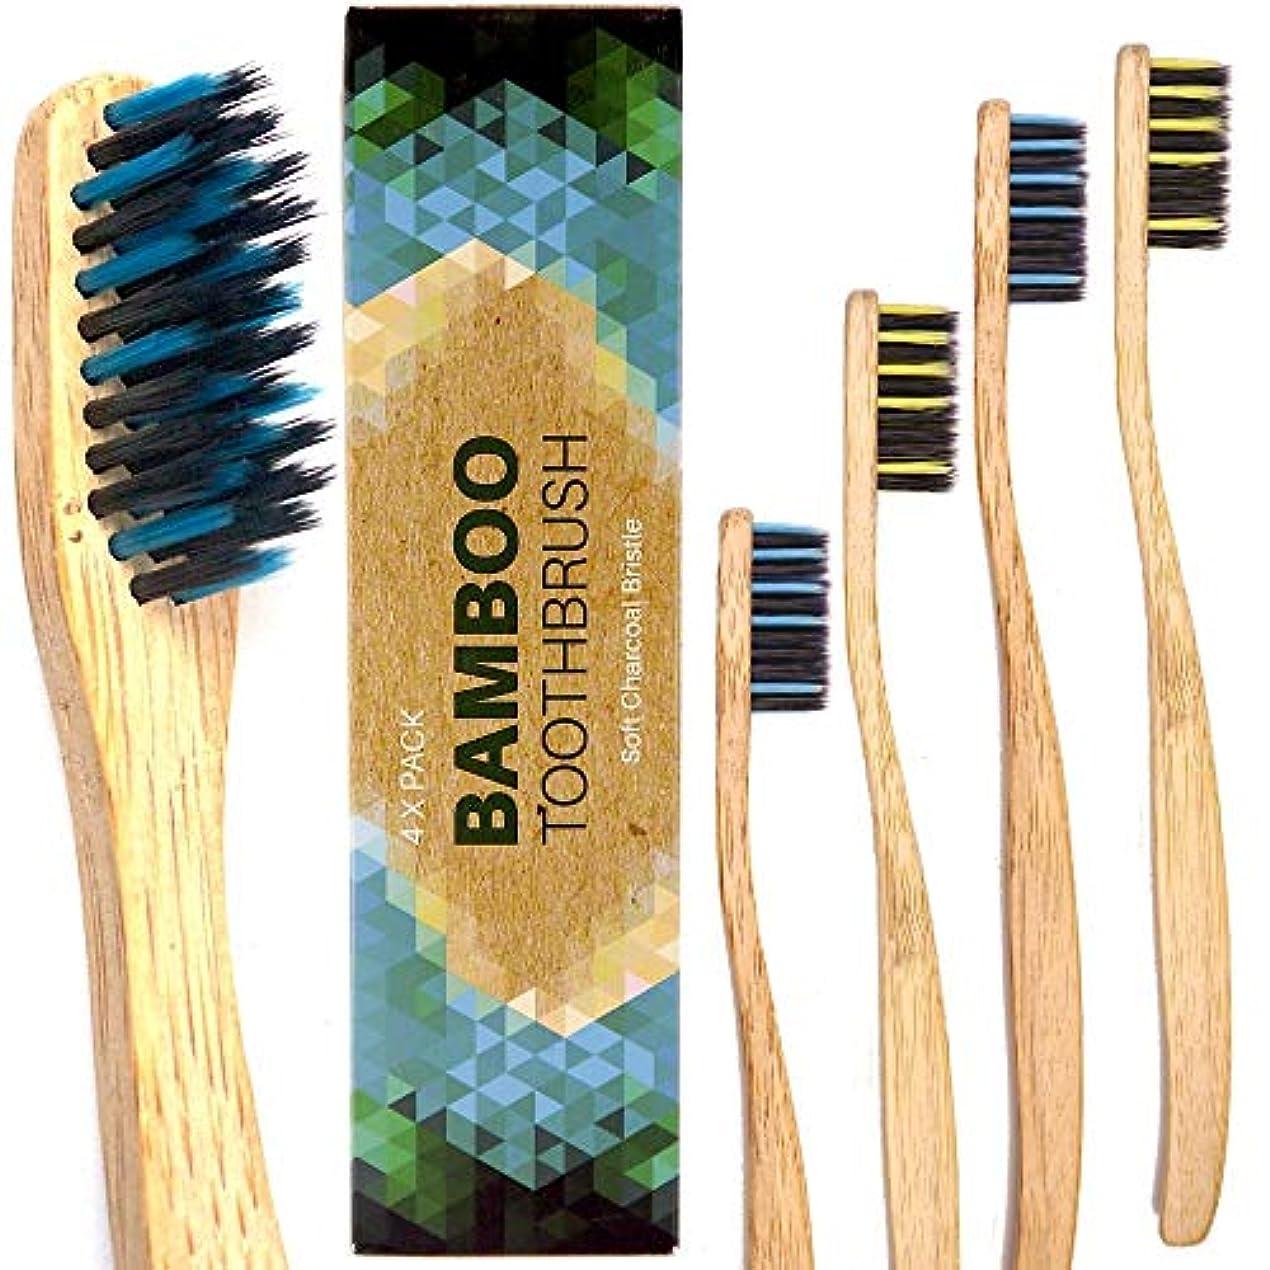 フォーマット乱雑な学士竹製歯ブラシ。チャコールブリストル大人 - ミディアム及びソフト、生分解性、ビーガン、バイオ、エコ、持続可能な木製ハンドル4本パック4 Bamboo Toothbrushes, ホワイトニング 歯, ドイツの品質, 竹歯ブラシ